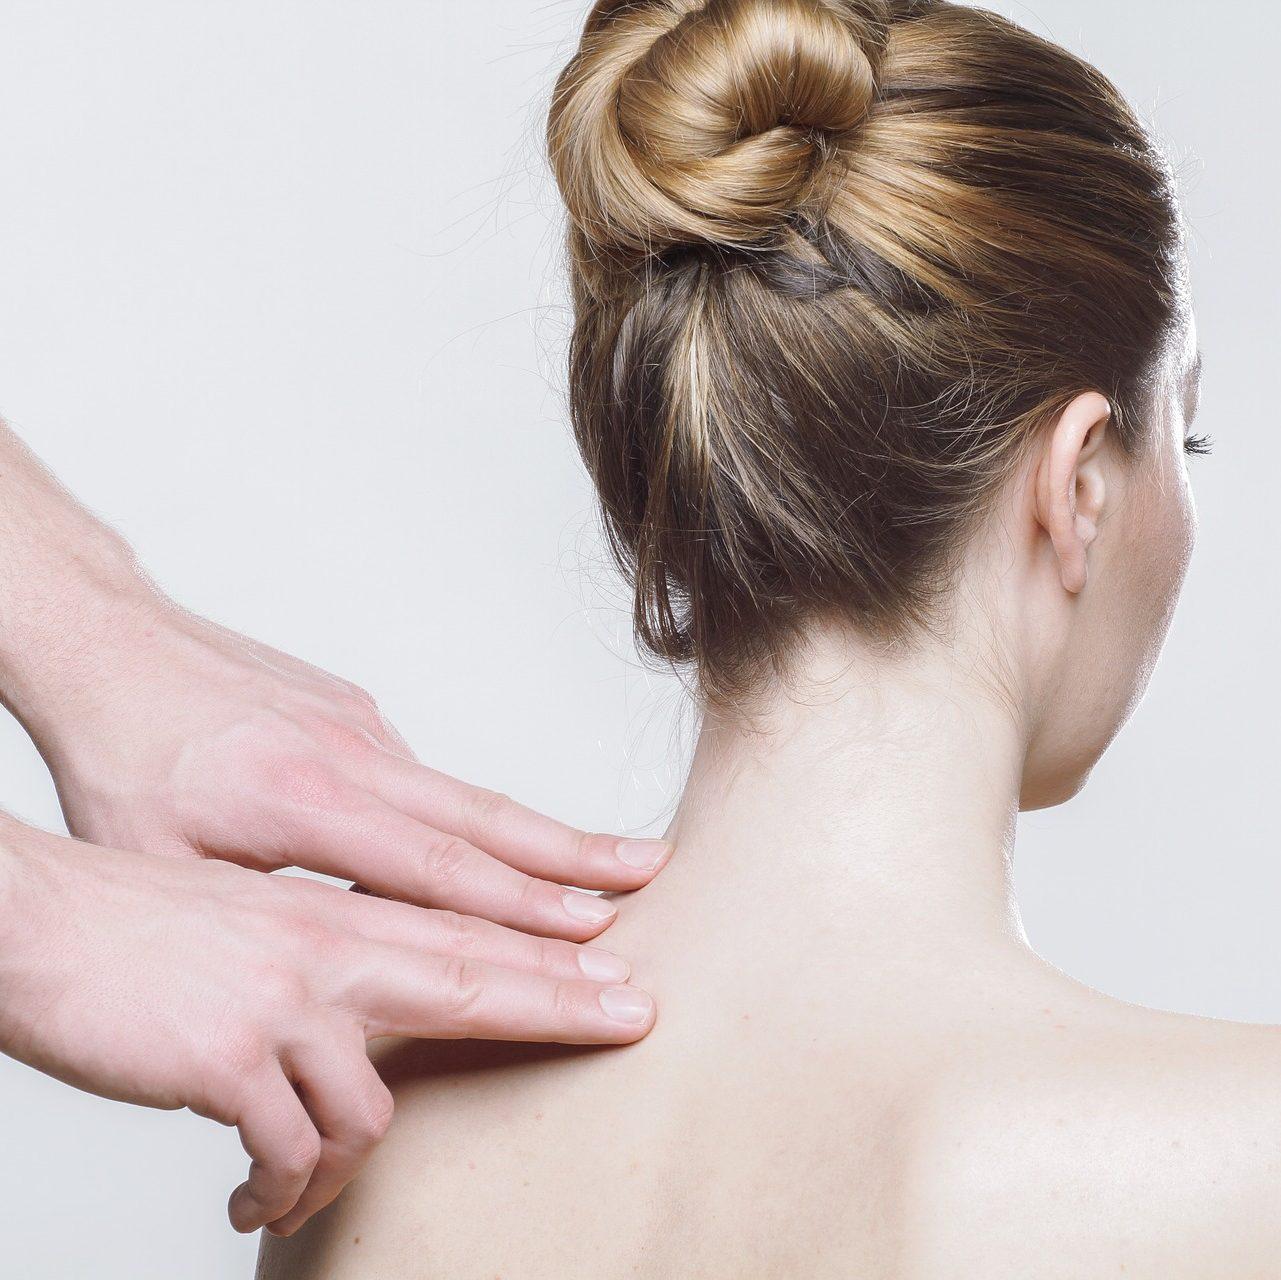 massaggiatori ascoli piceno